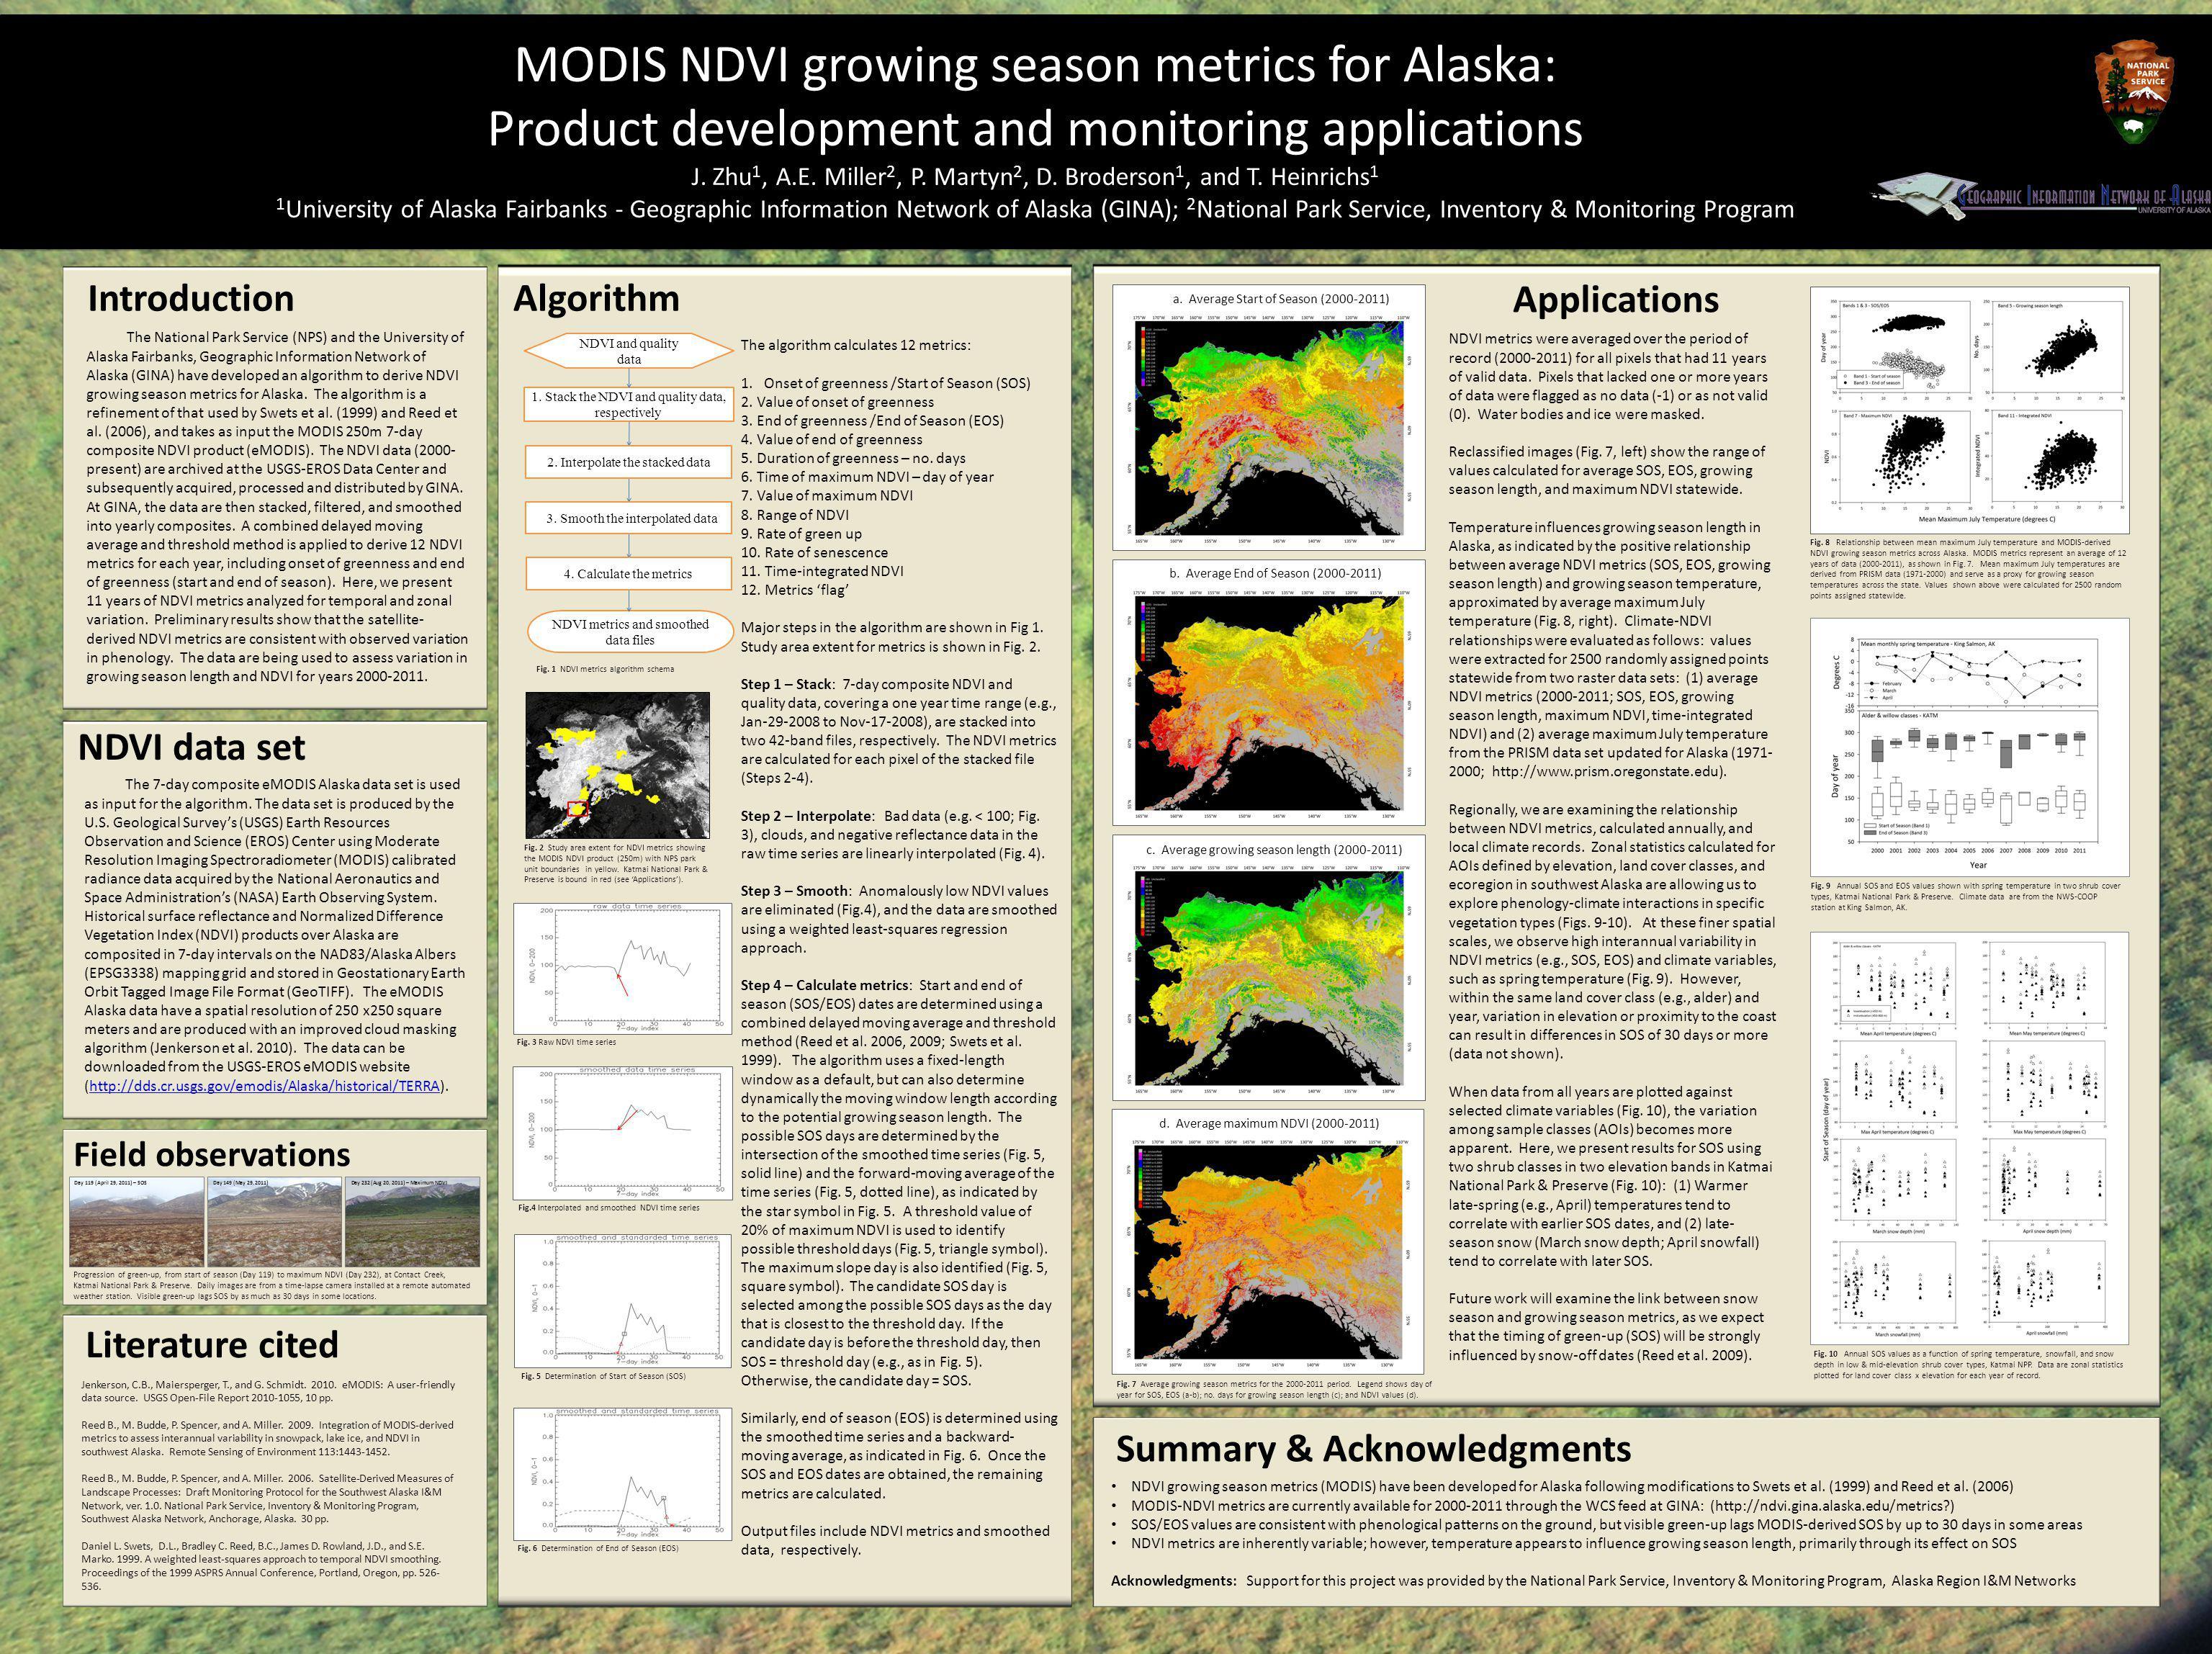 MODIS NDVI growing season metrics for Alaska: